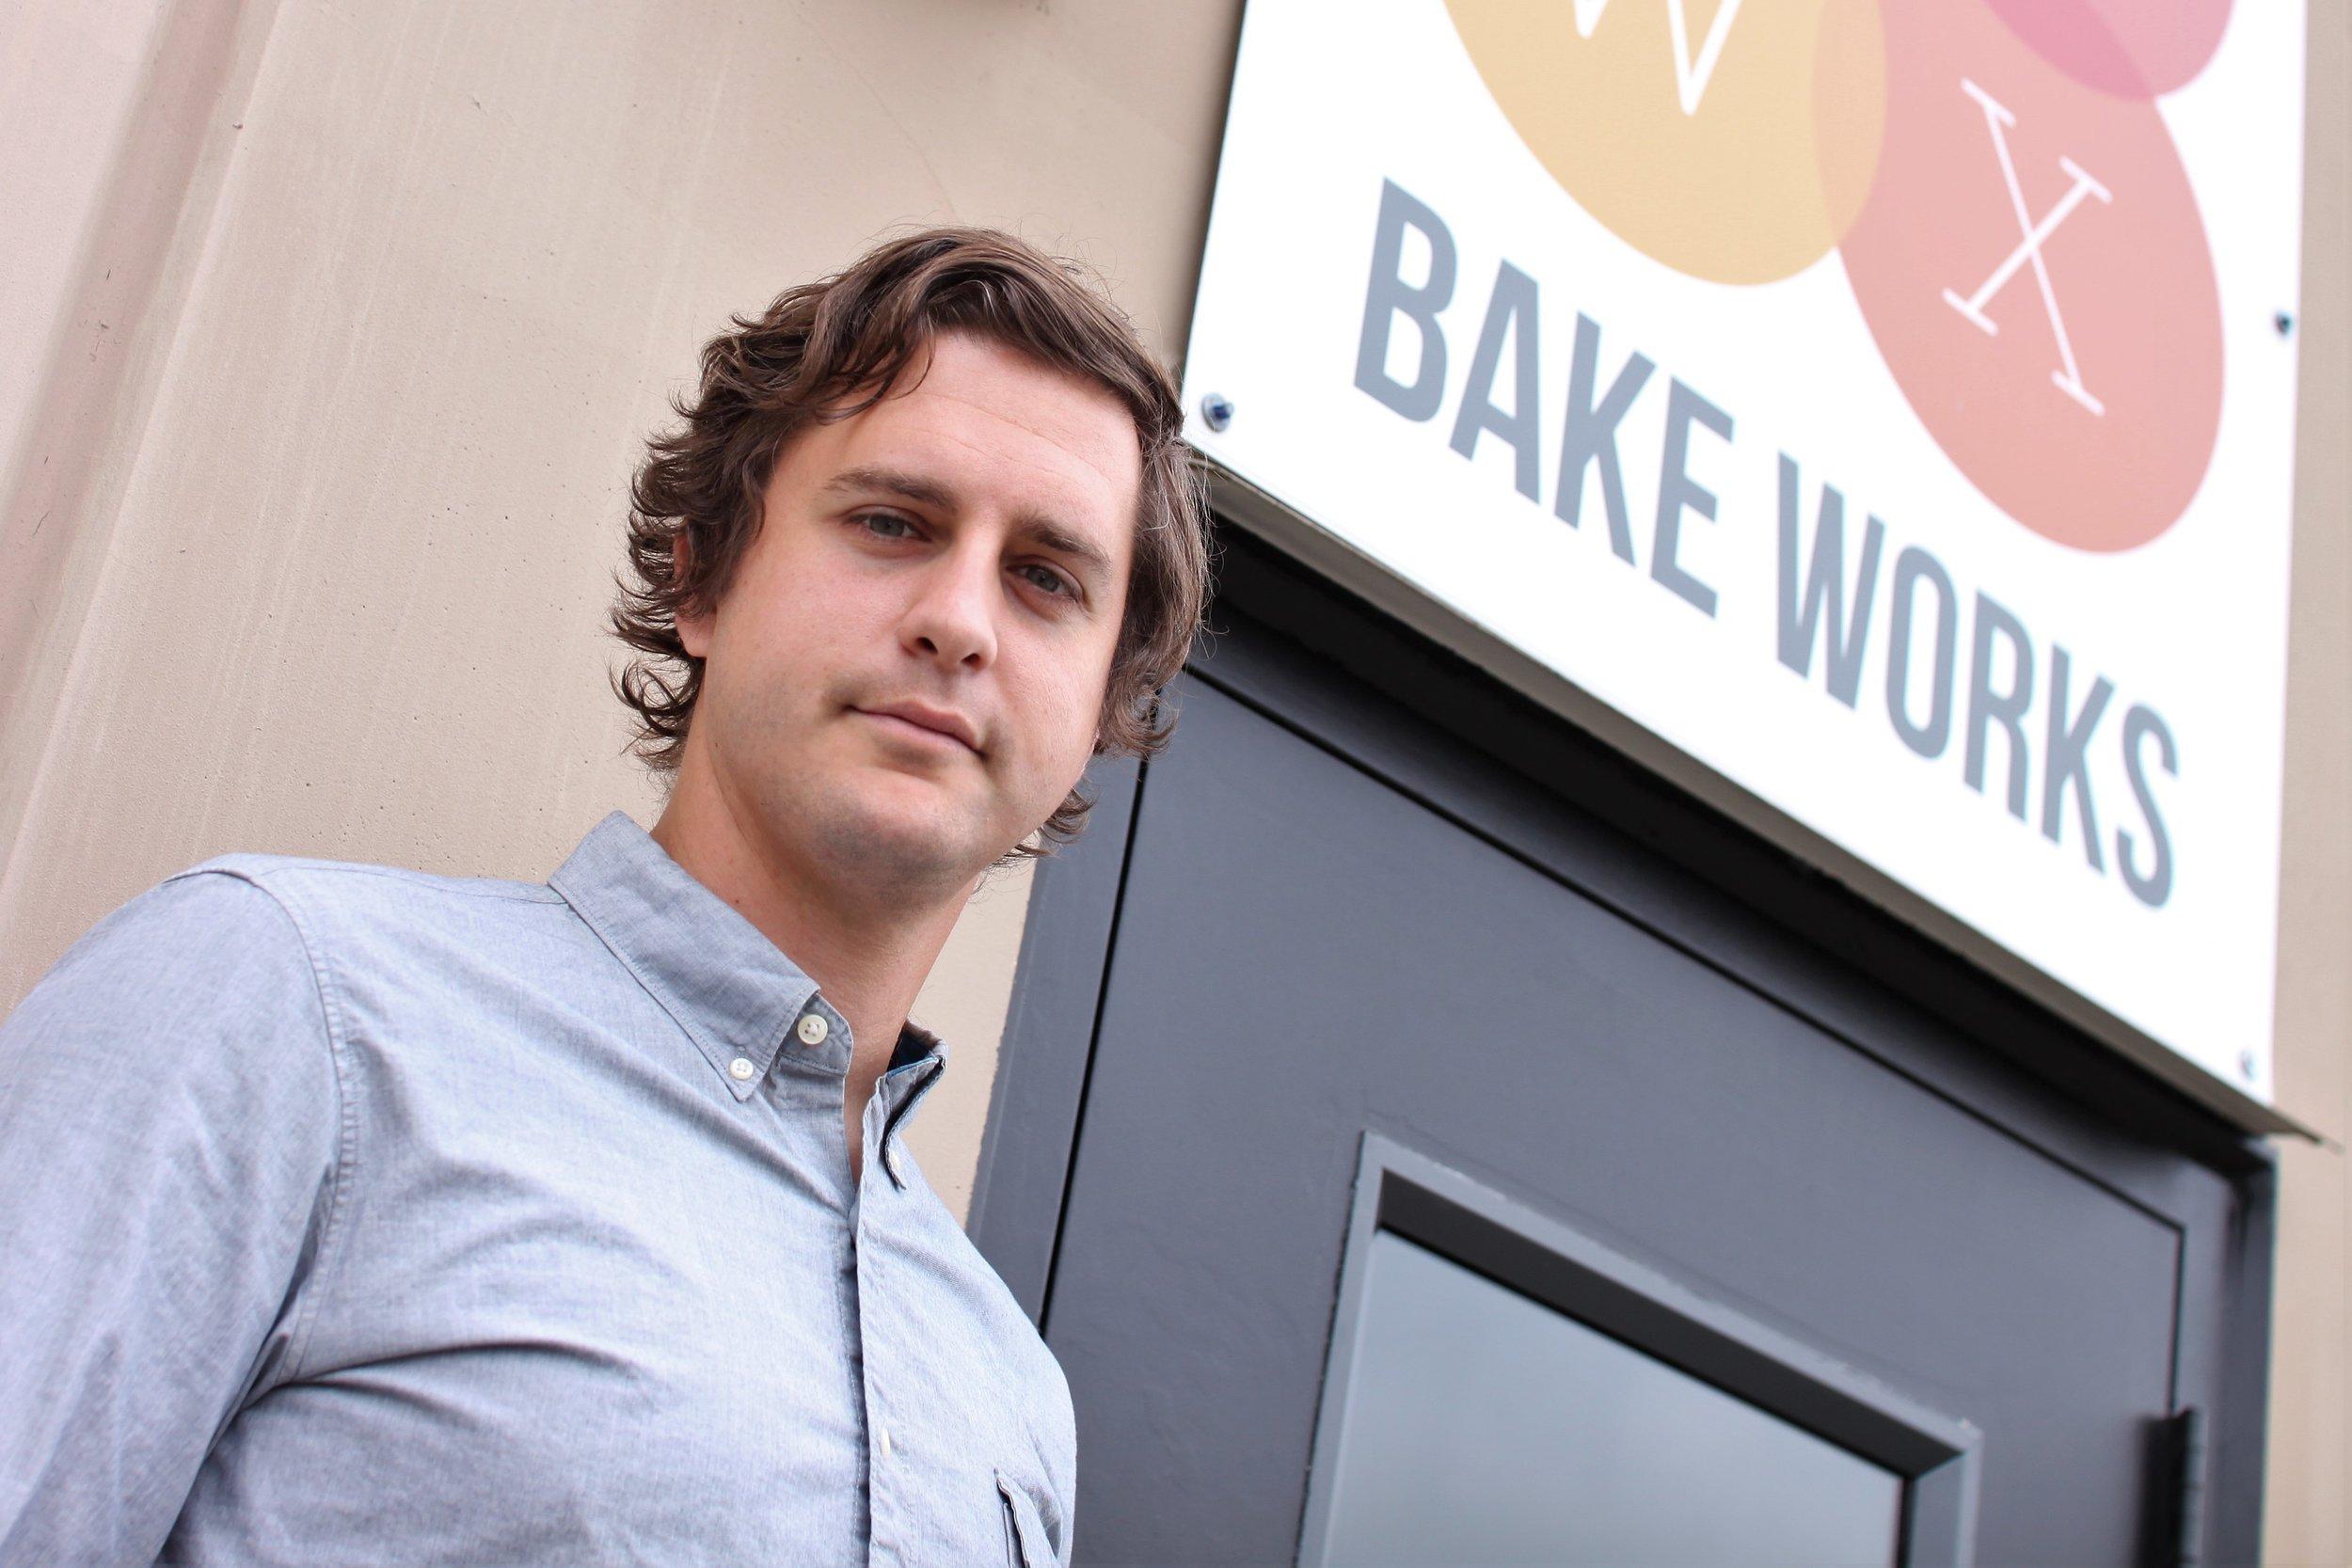 Bake Works - Zac Fitzgerald